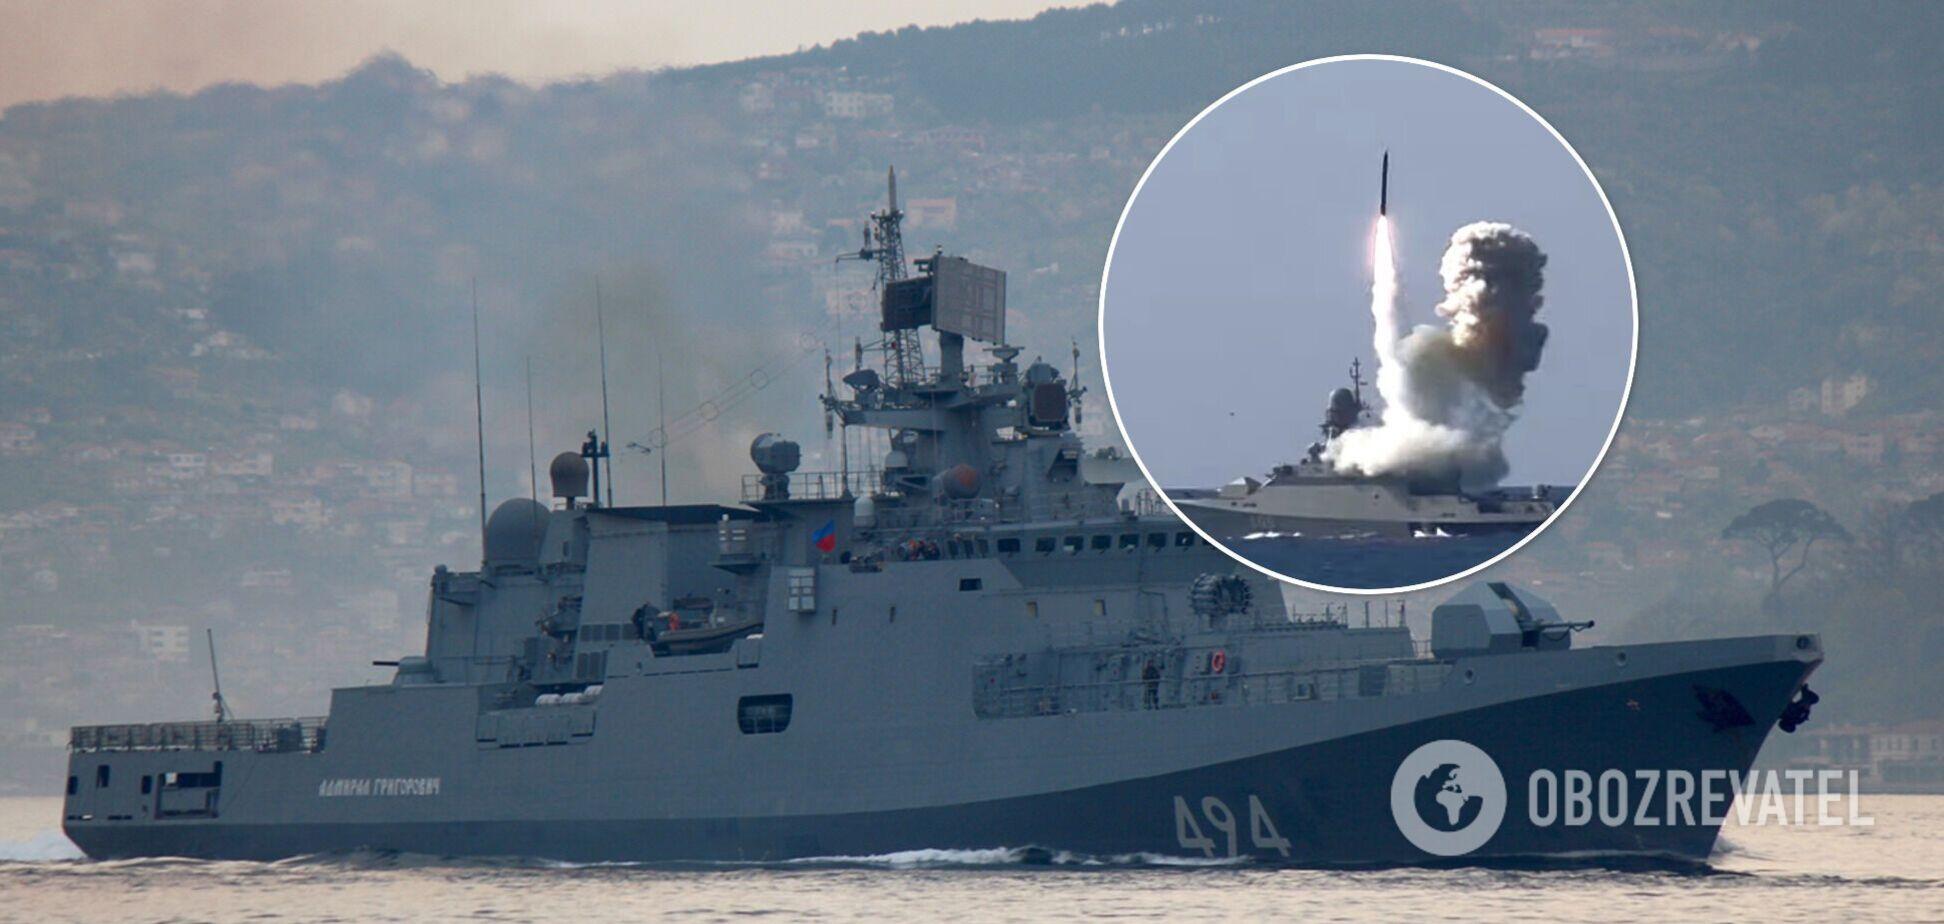 Россия вывела в Черное море боевые корабли для отработки ракетных ударов